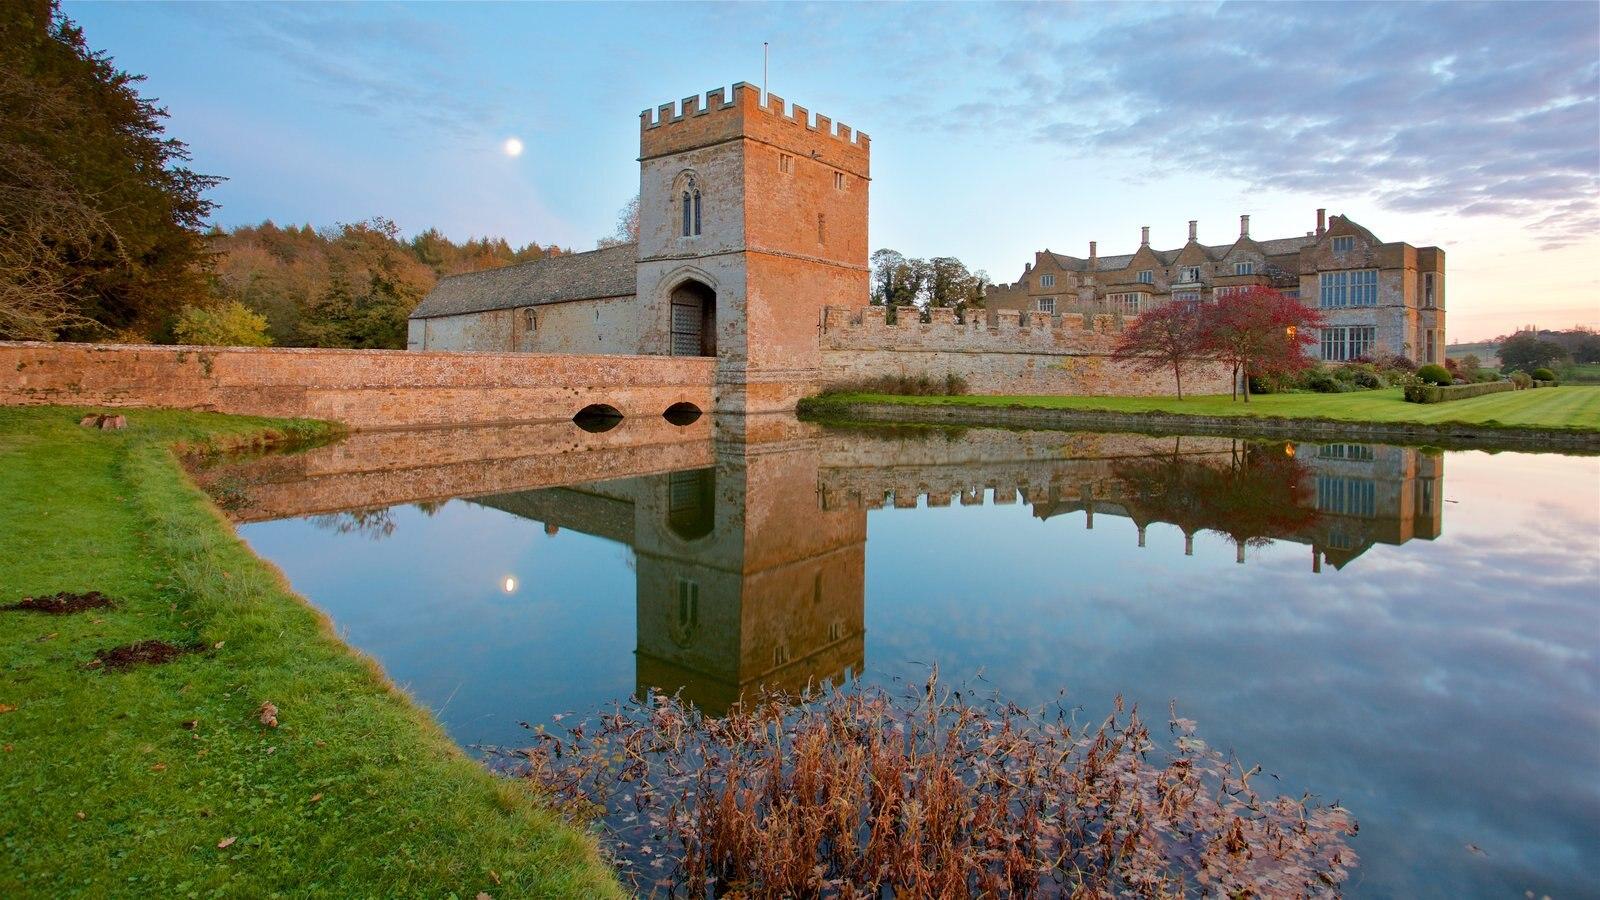 Broughton Castle mostrando um pôr do sol, arquitetura de patrimônio e um pequeno castelo ou palácio